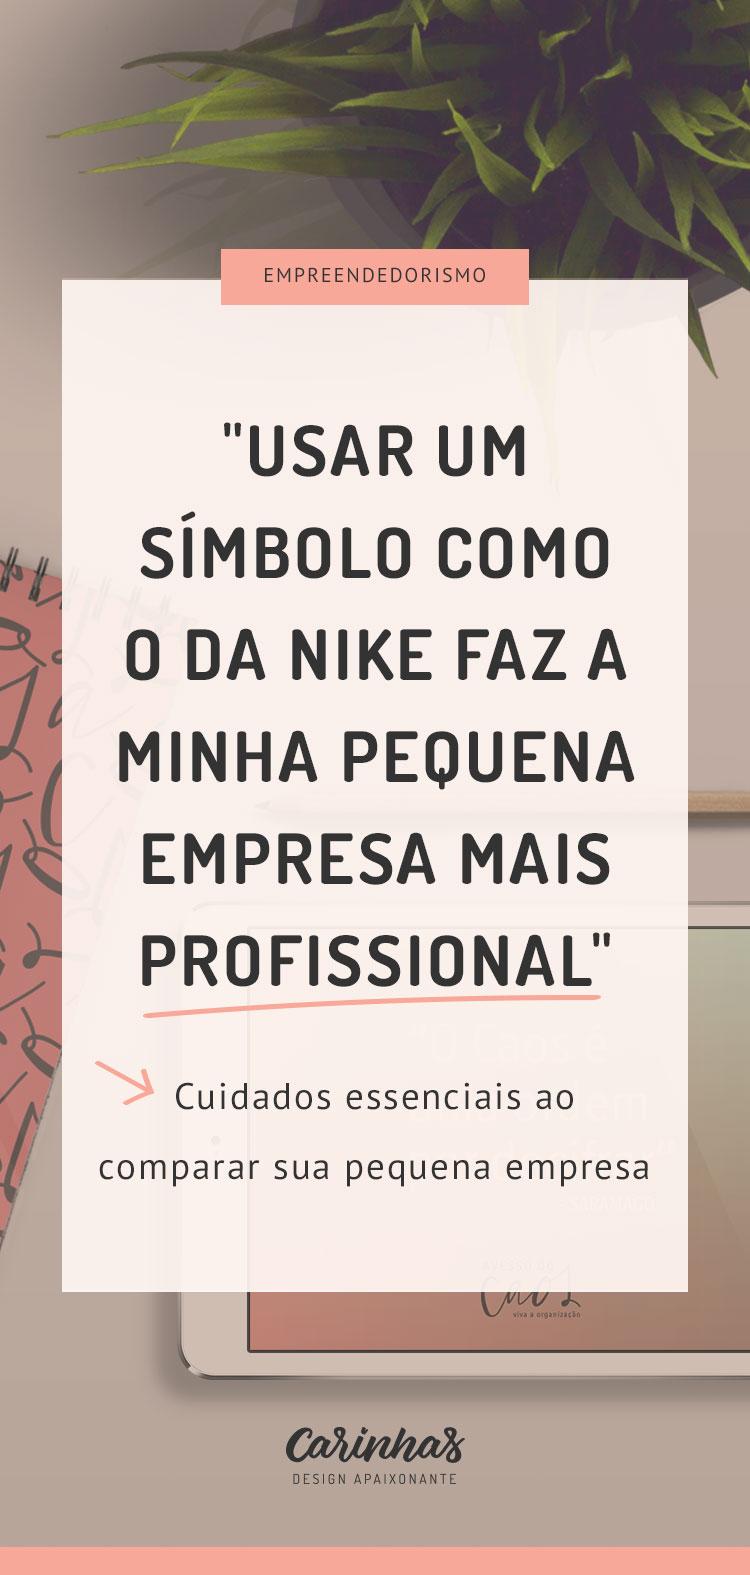 Usar um símbolo como o da Nike faz a minha empresa ser mais profissional